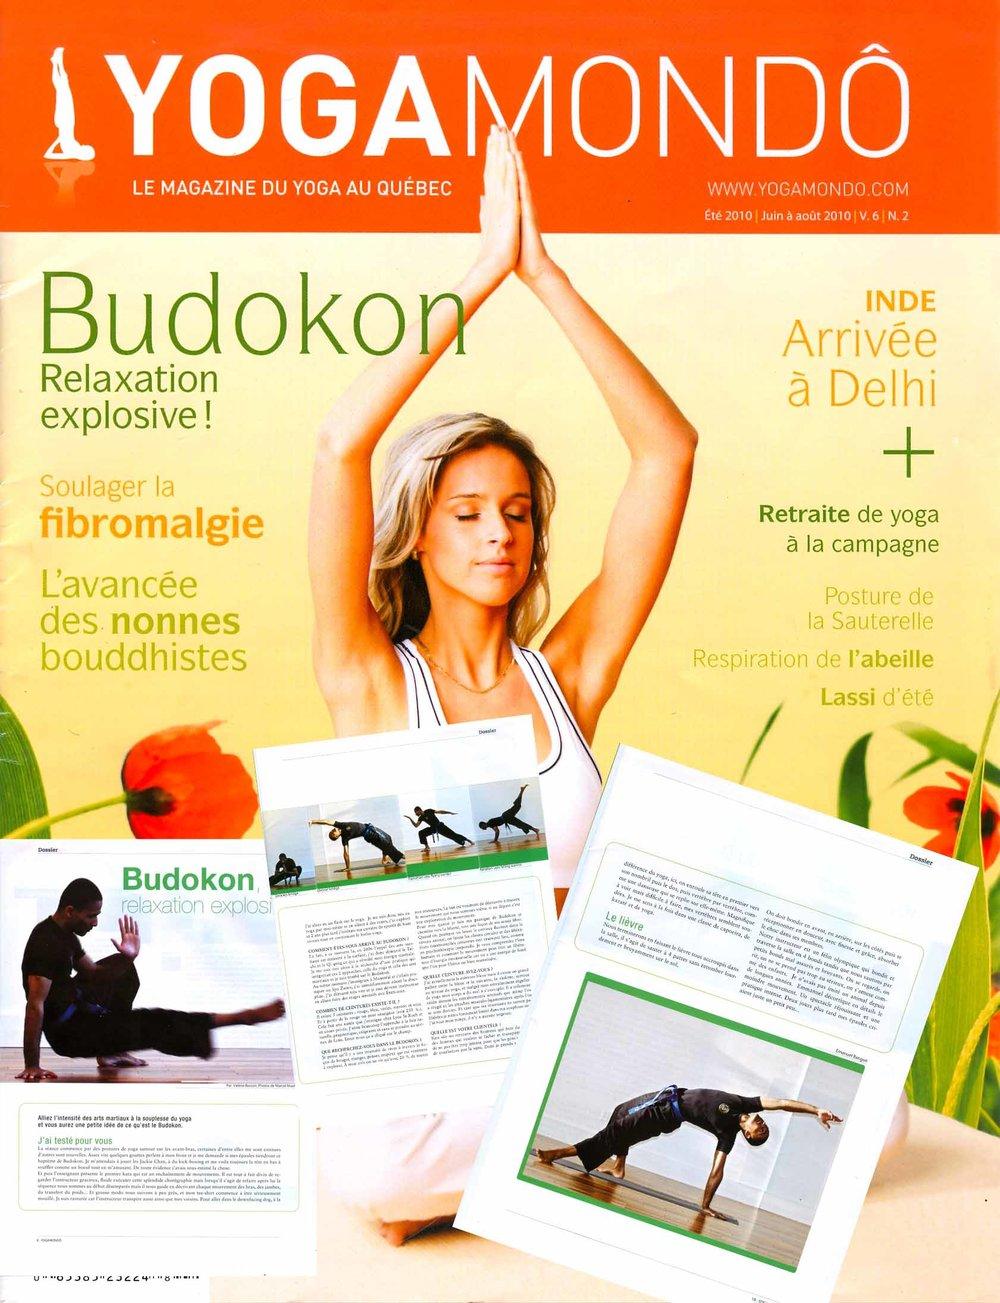 yogamondo-1.jpg